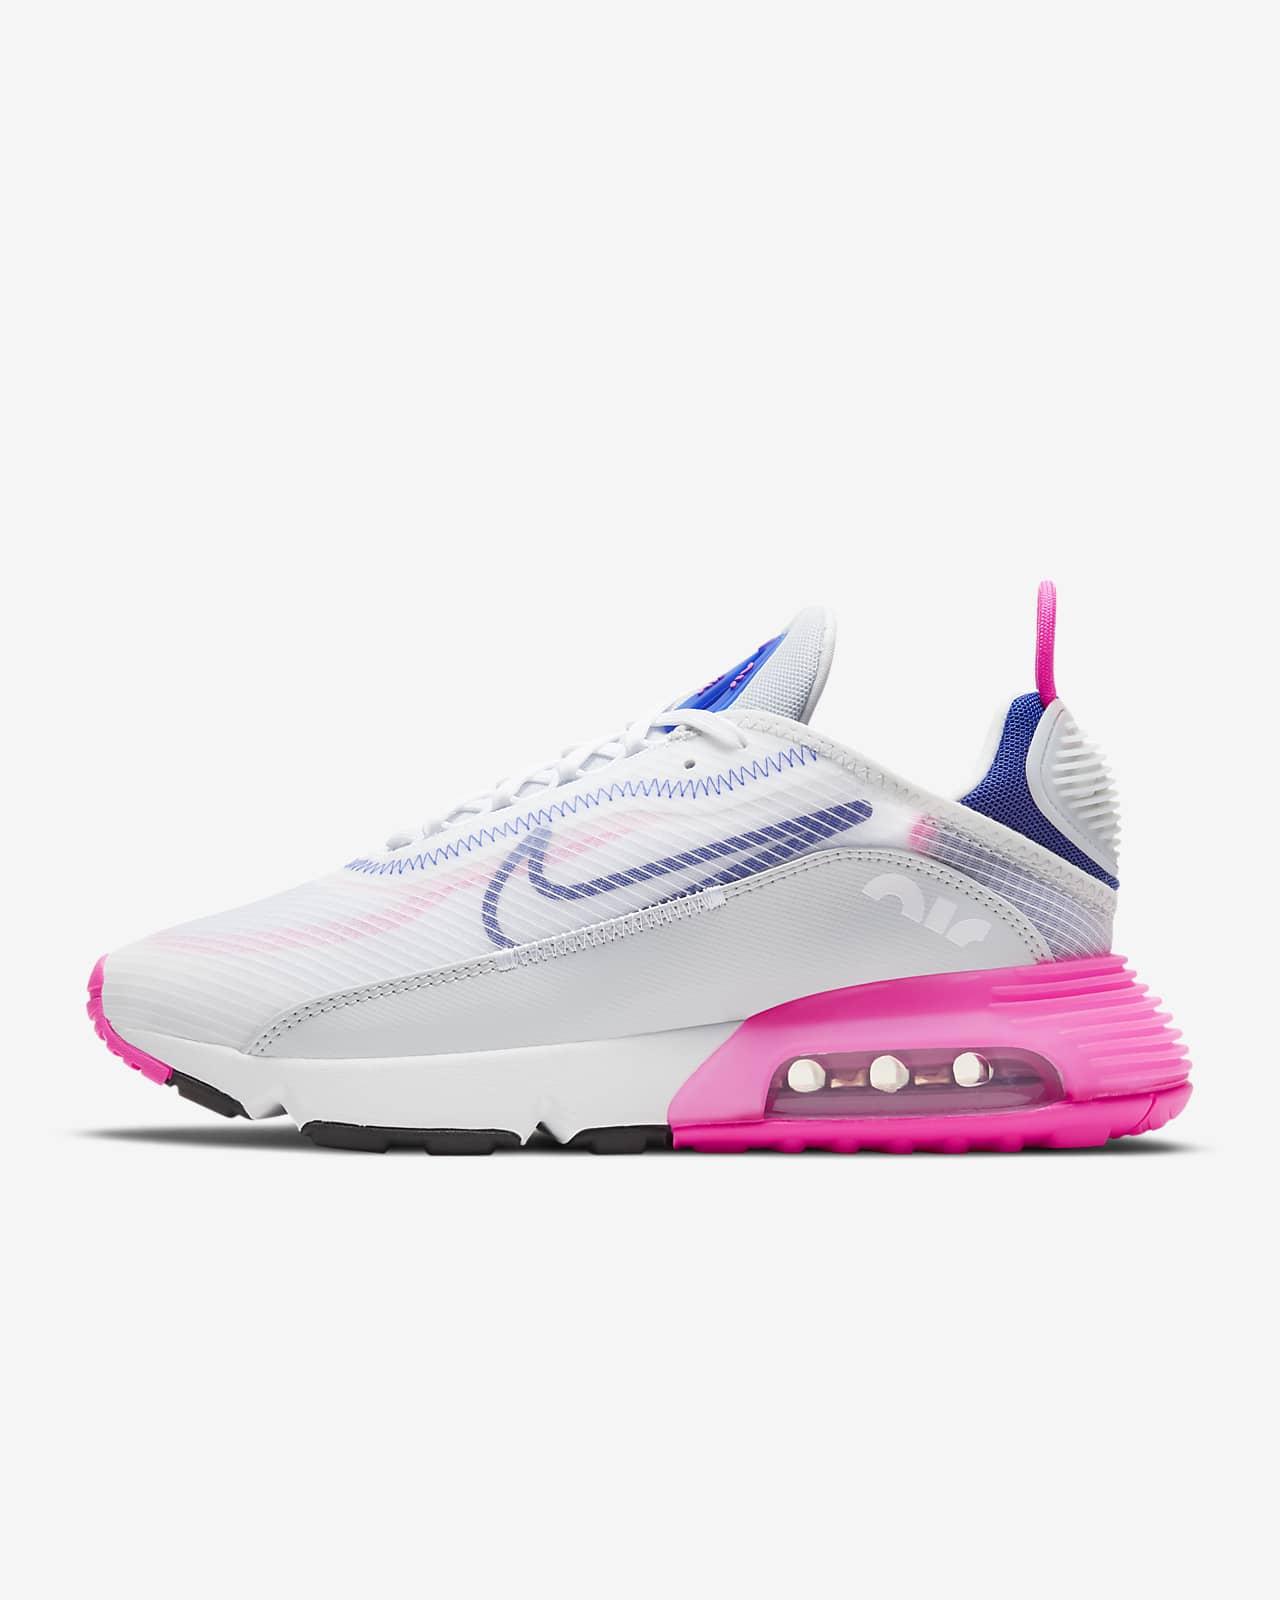 Γυναικείο παπούτσι Nike Air Max 2090